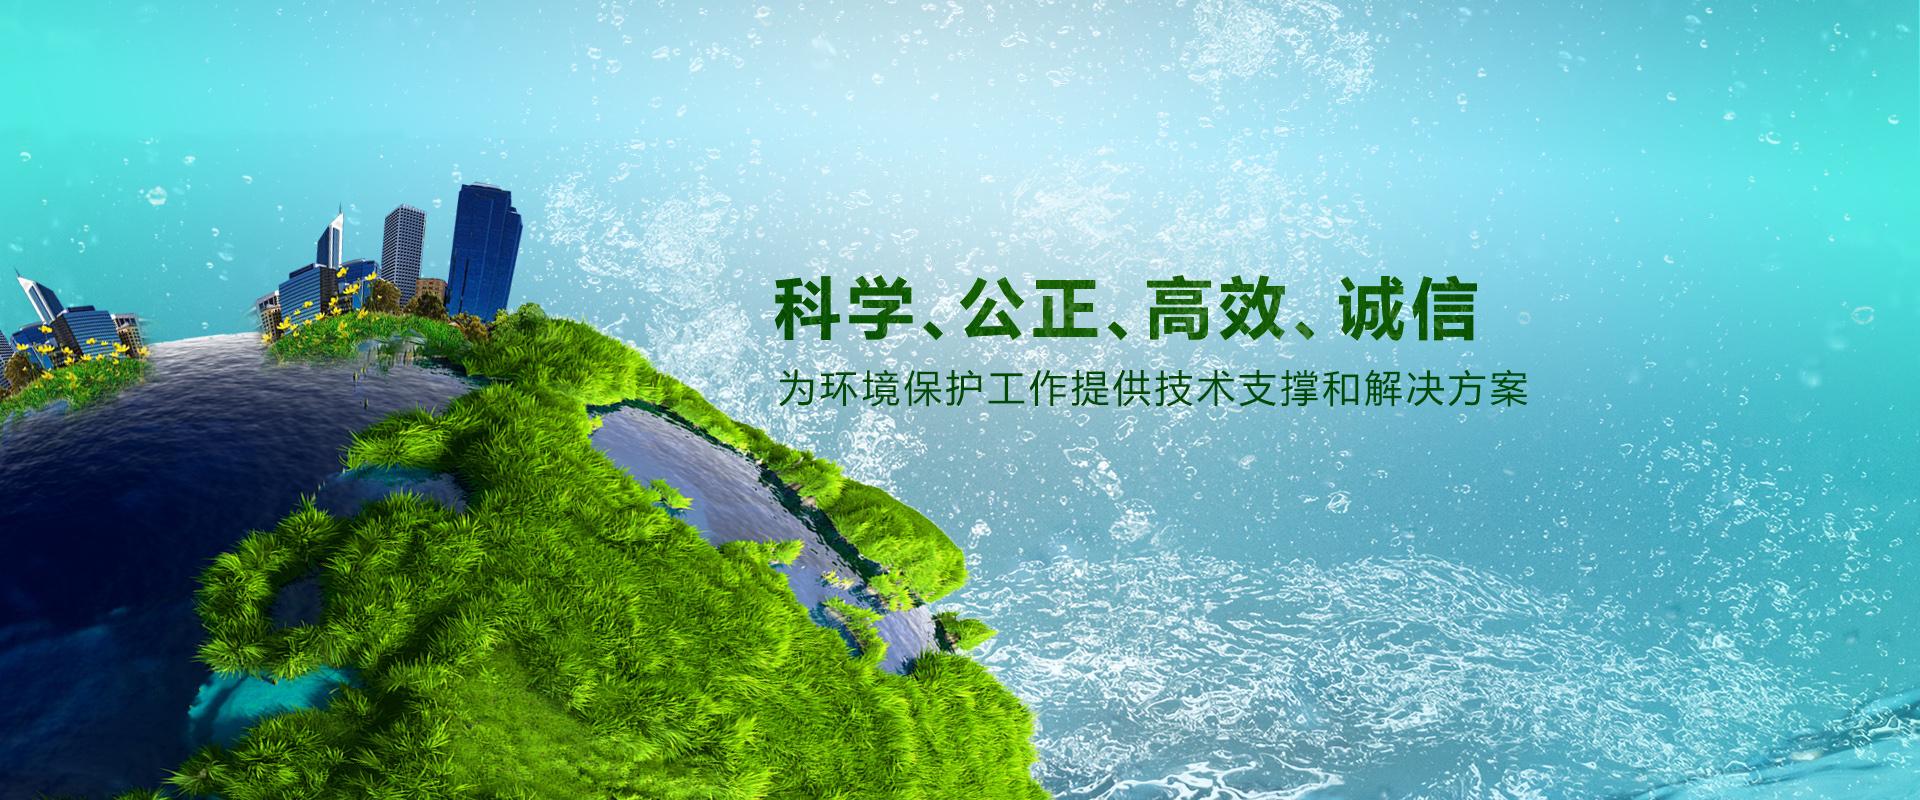 环境检测公司:在除甲醛之外还该注意什么